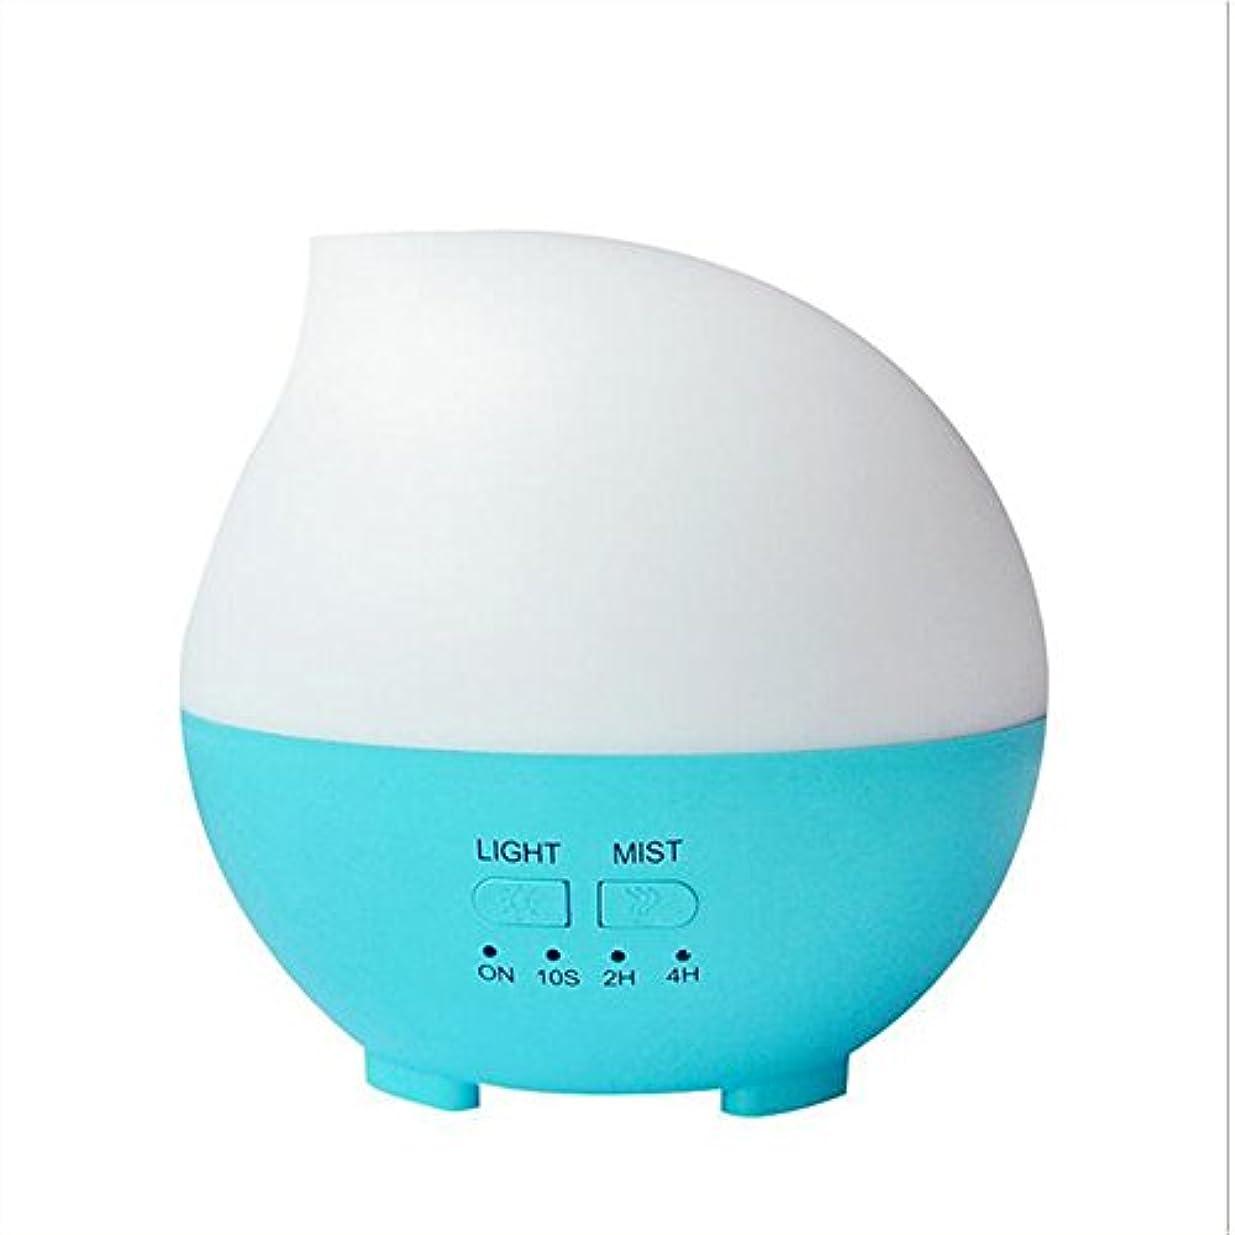 せがむ群集体系的に加湿器フィルター 加湿器アロマセラピーディフューザーカラーLEDライトホーム車のオフィス(14 * 14 * 14センチメートル) ( Color : Blue )